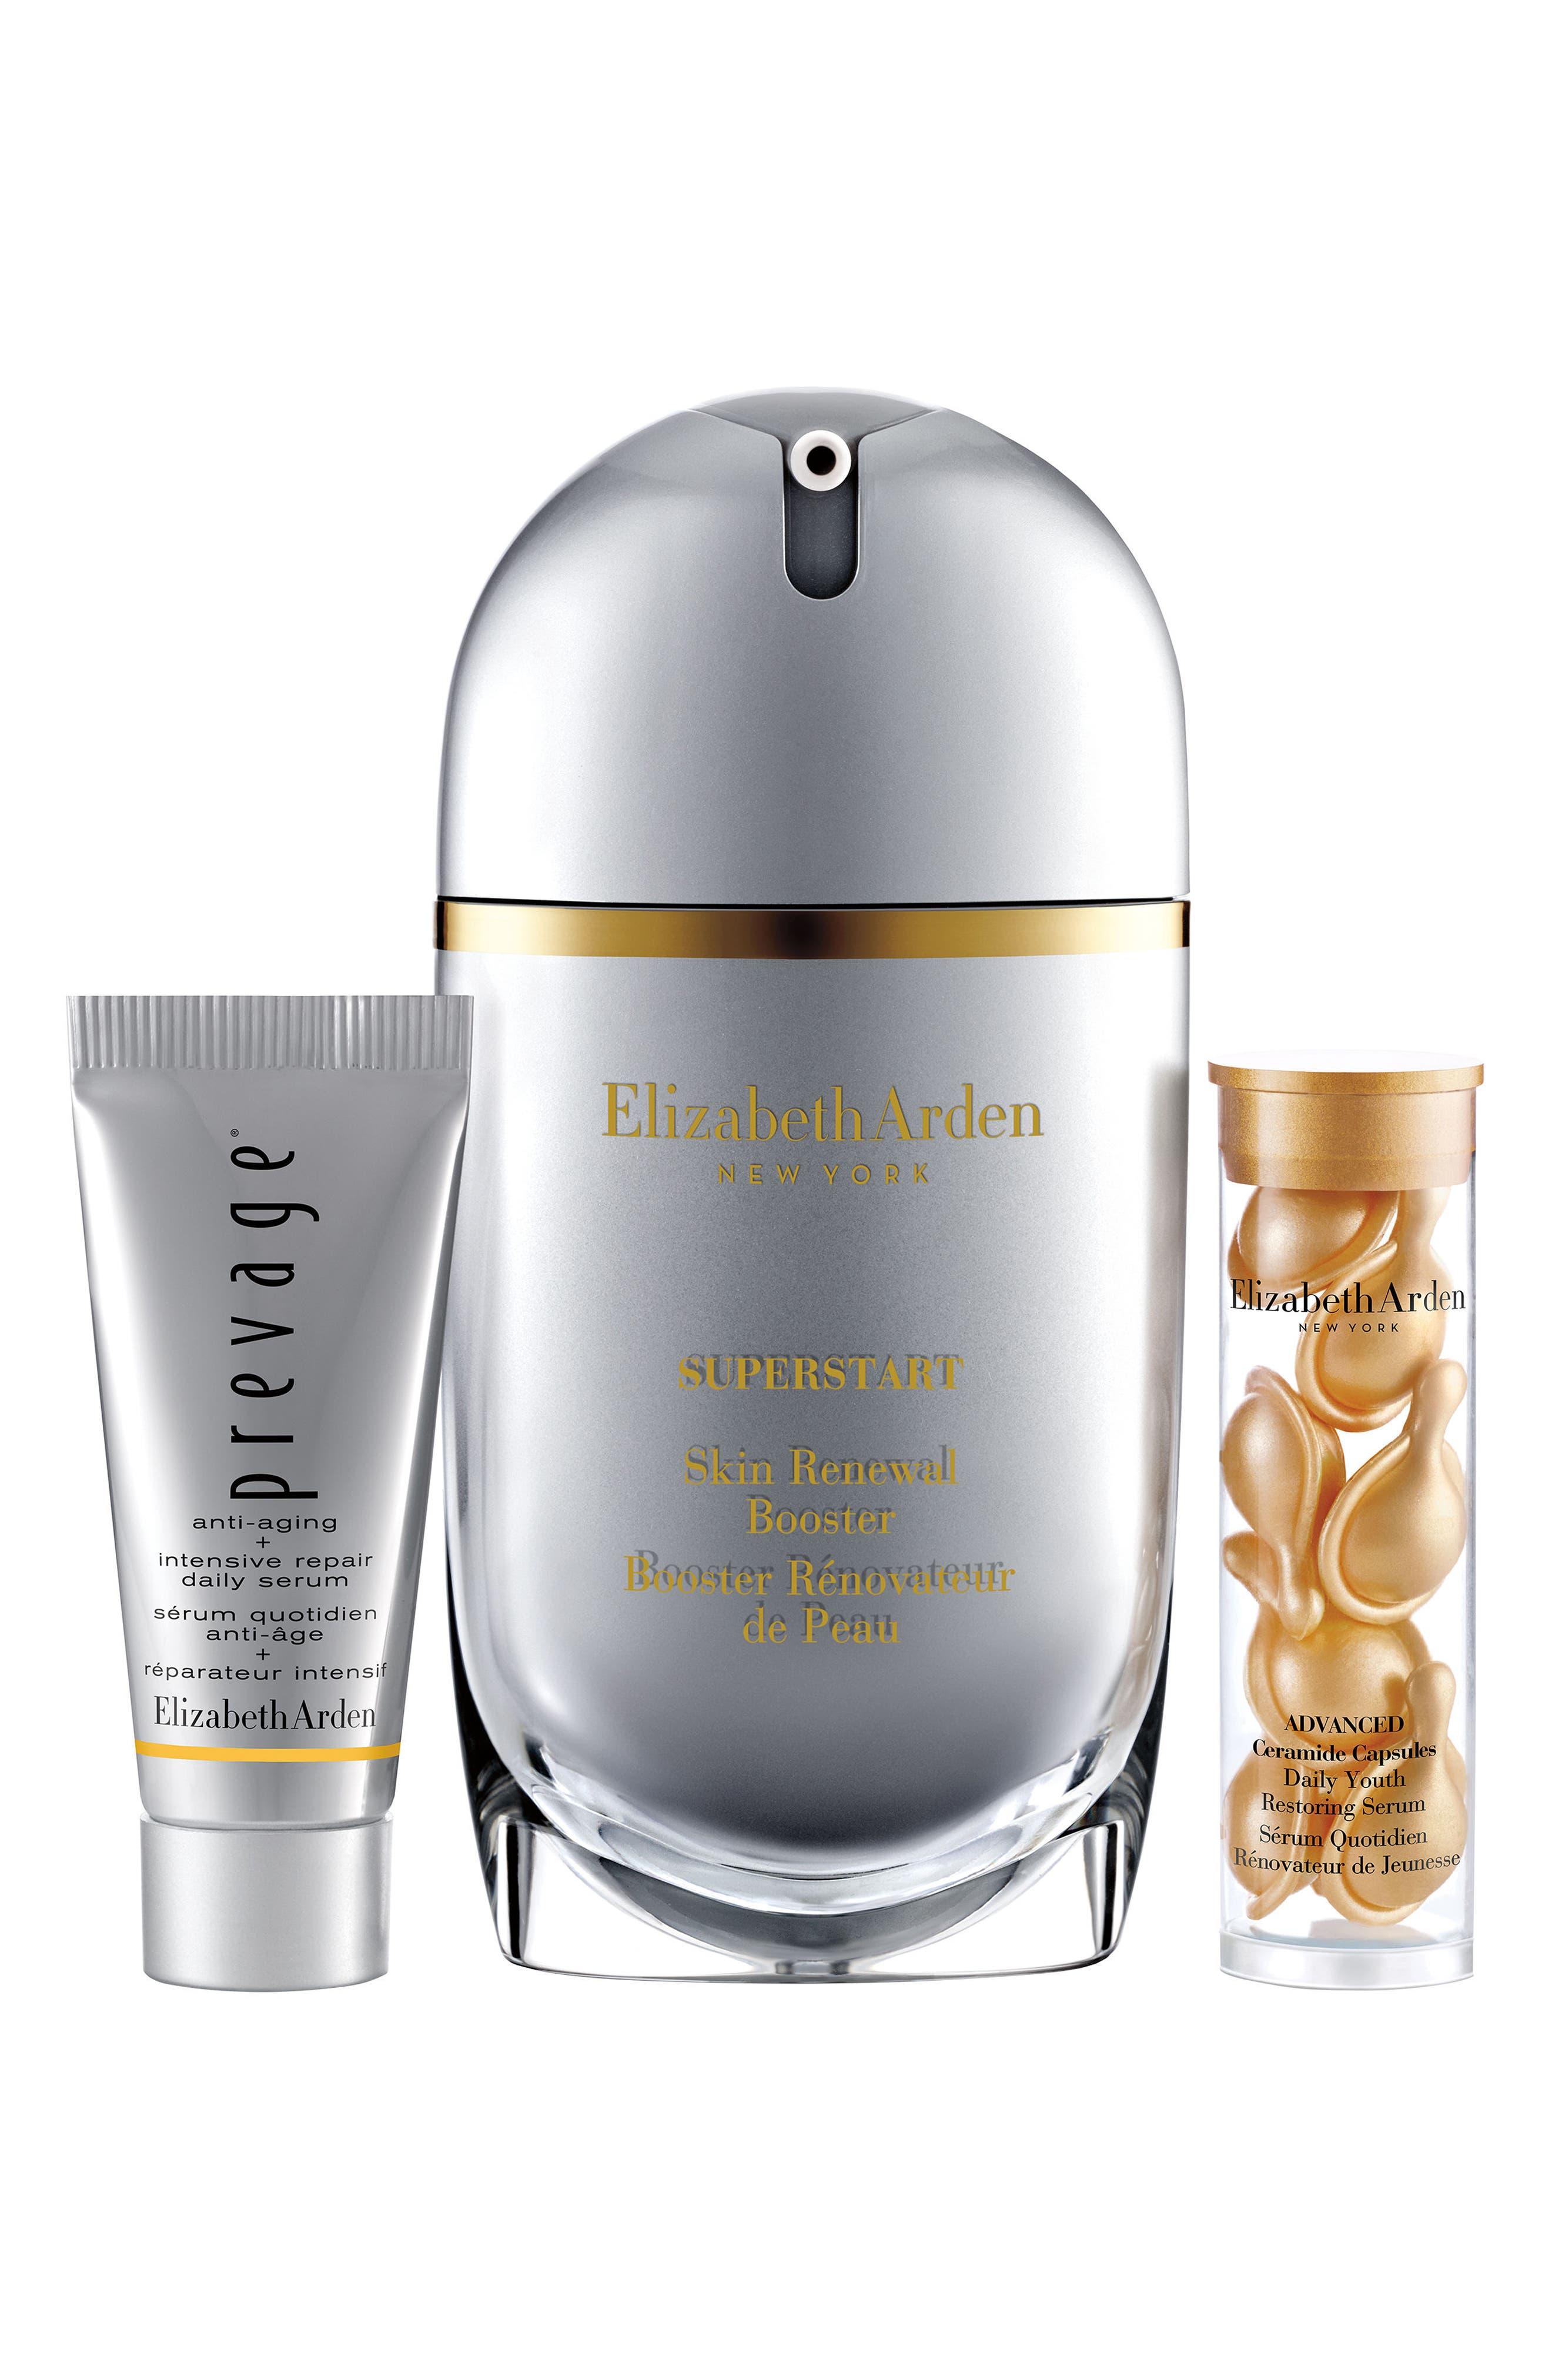 Main Image - Elizabeth Arden SUPERSTART Skin Renewal Booster Set ($115 Value)